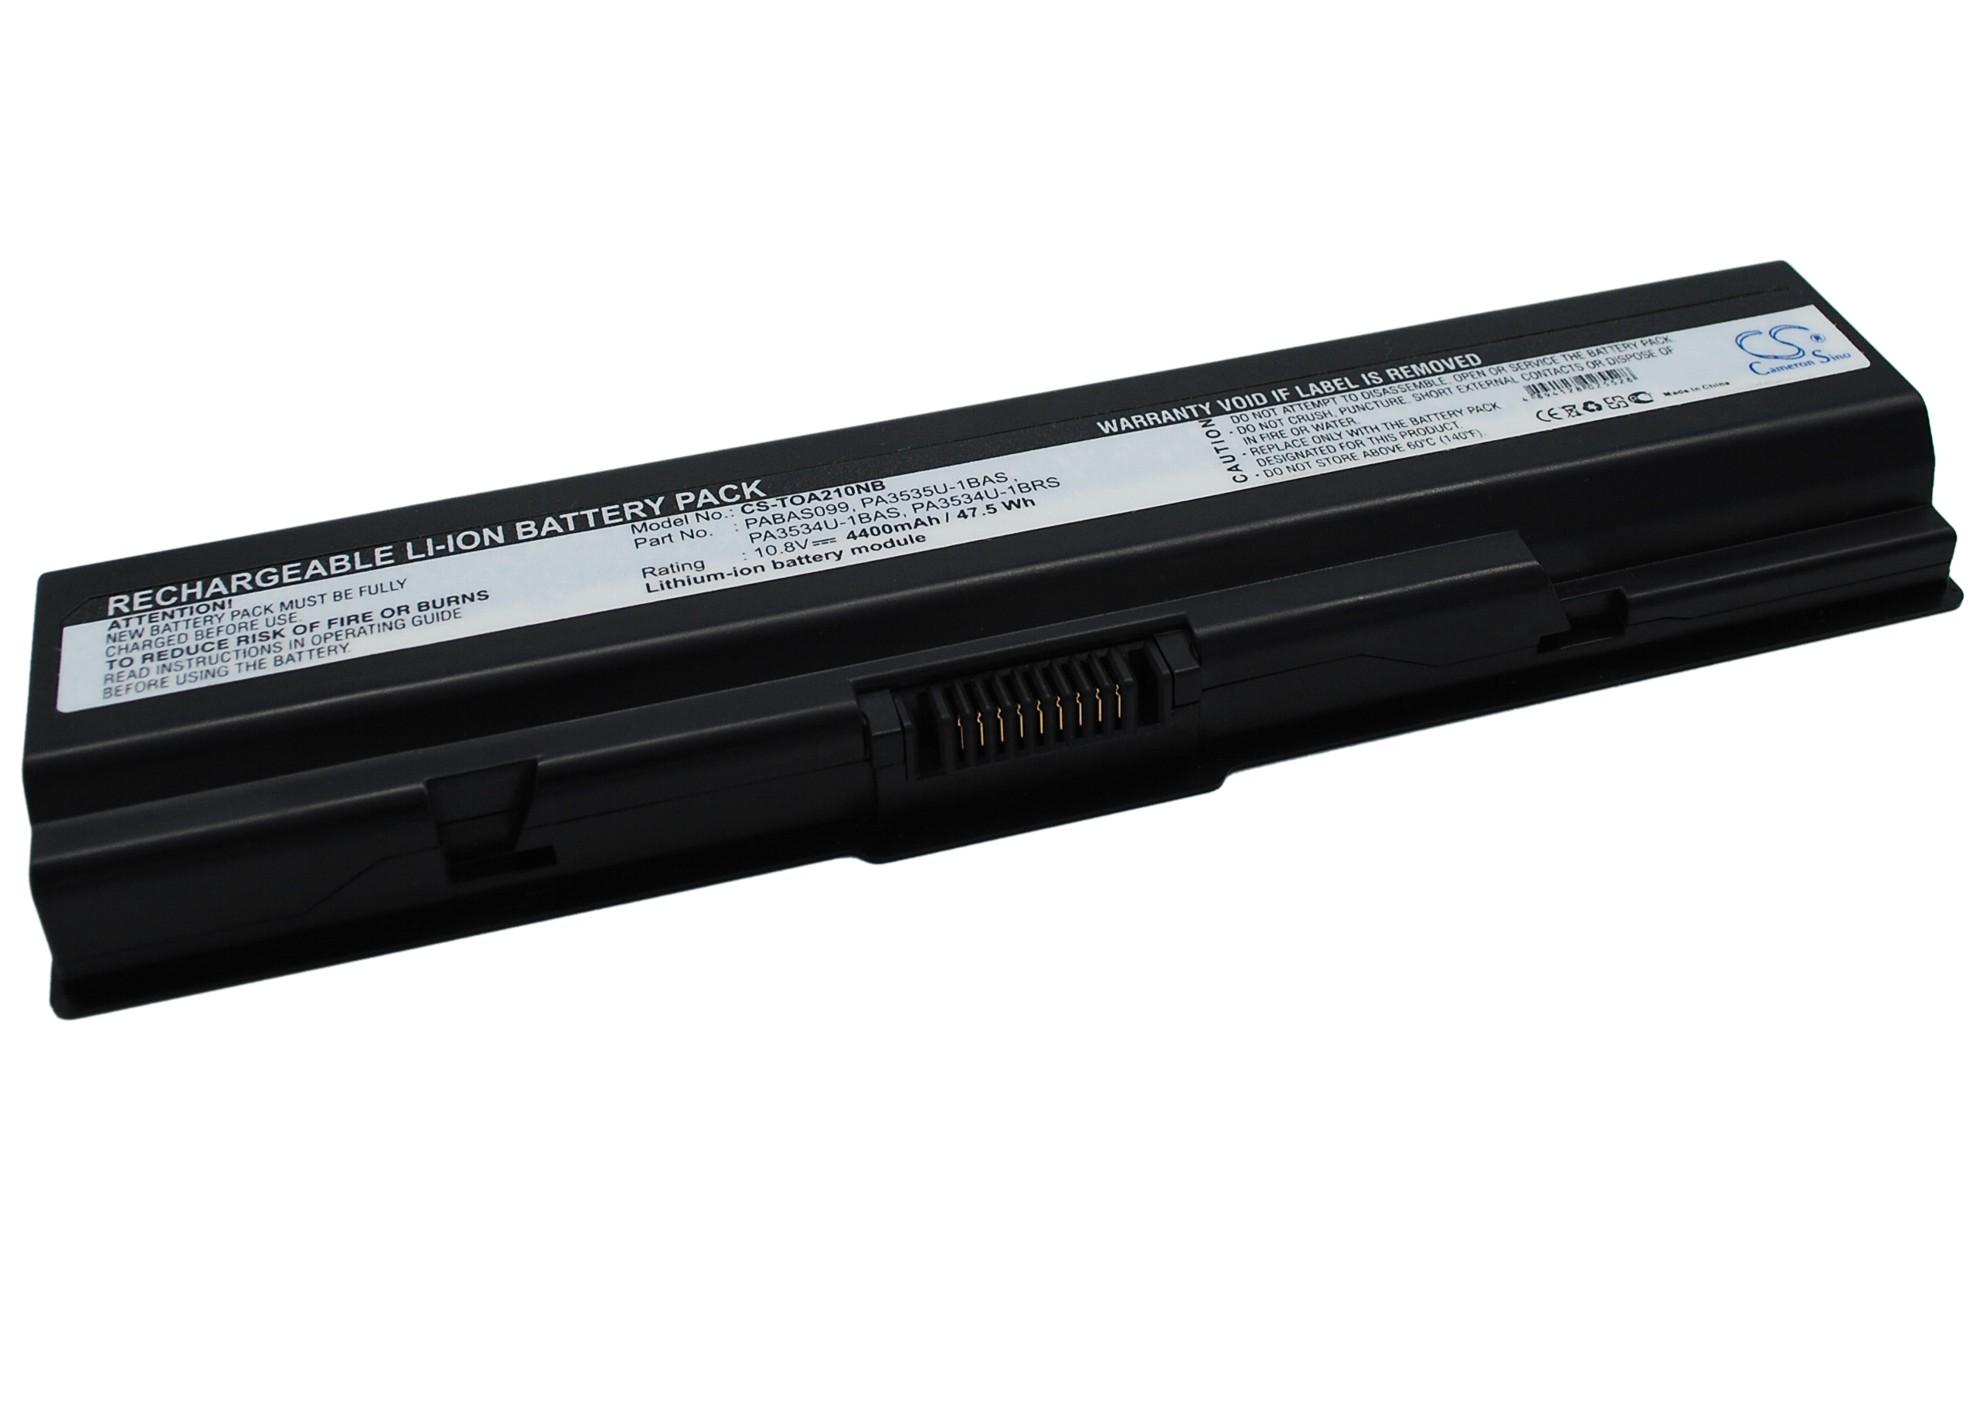 Cameron Sino baterie do notebooků pro TOSHIBA Satellite L505-144 10.8V Li-ion 4400mAh černá - neoriginální